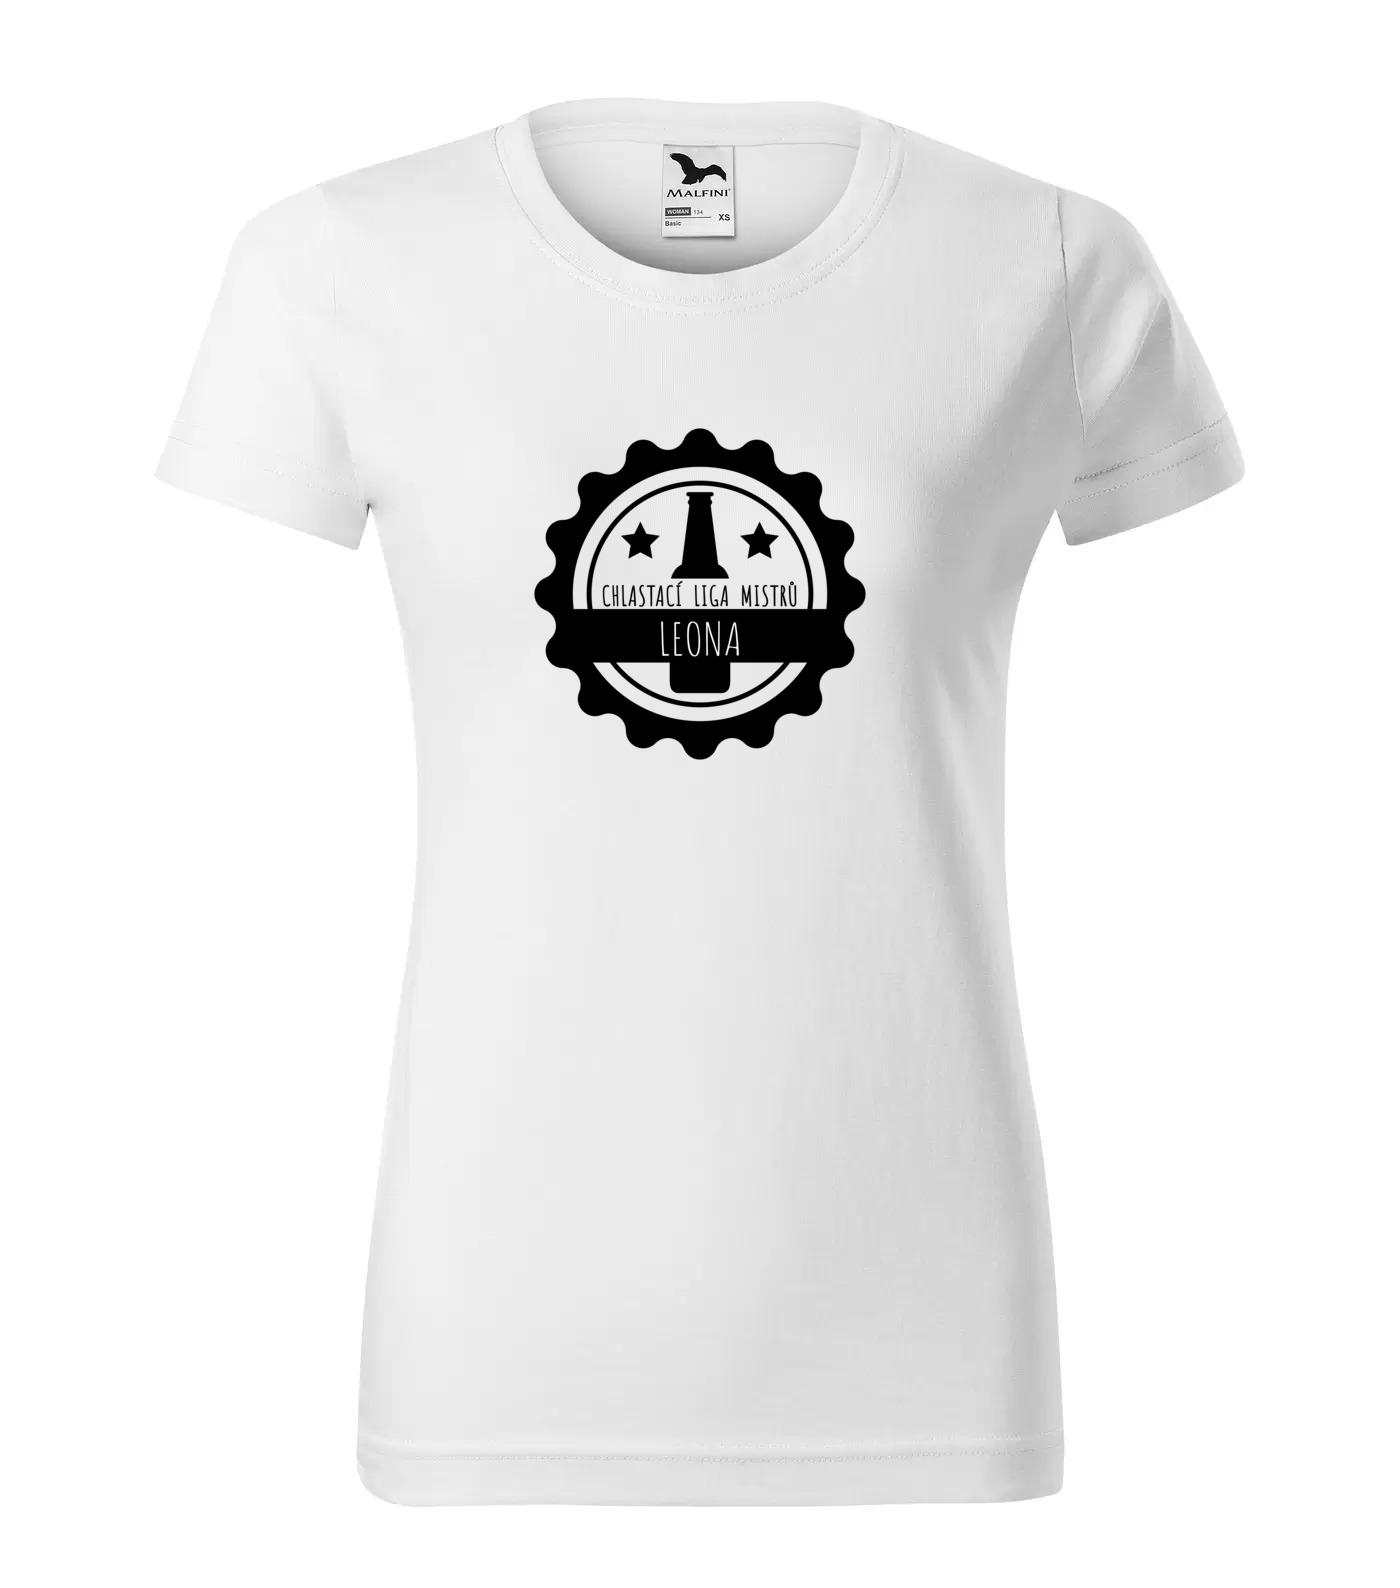 Tričko Chlastací liga žen Leona